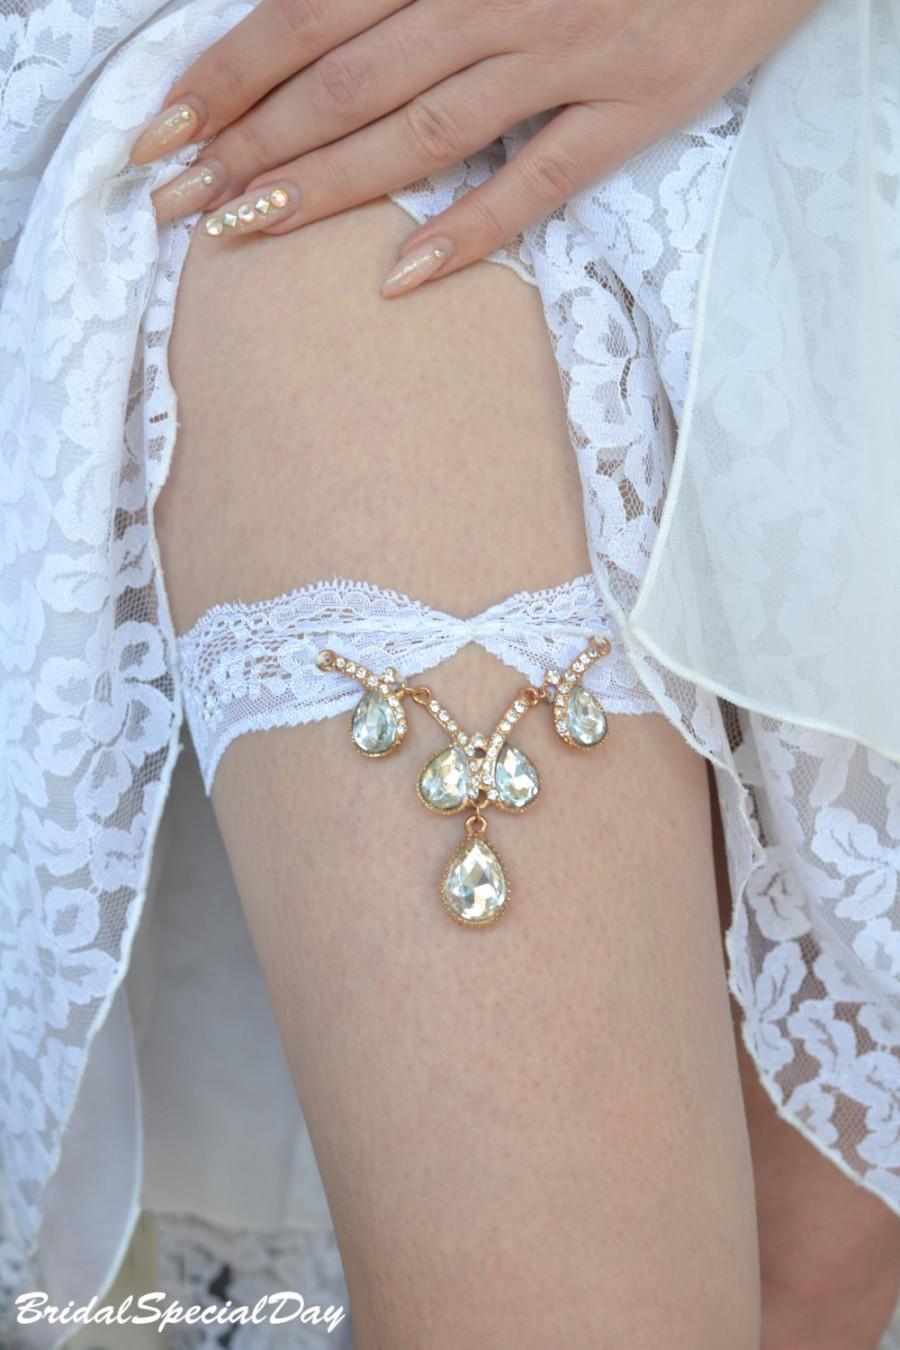 Wedding - Gold Wedding Garter, Rhinestone Garter, Lace Garter Set, White Bridal Garter, Unique Garter, Bridal Garter, Handmade Garter, Gold Garter Set